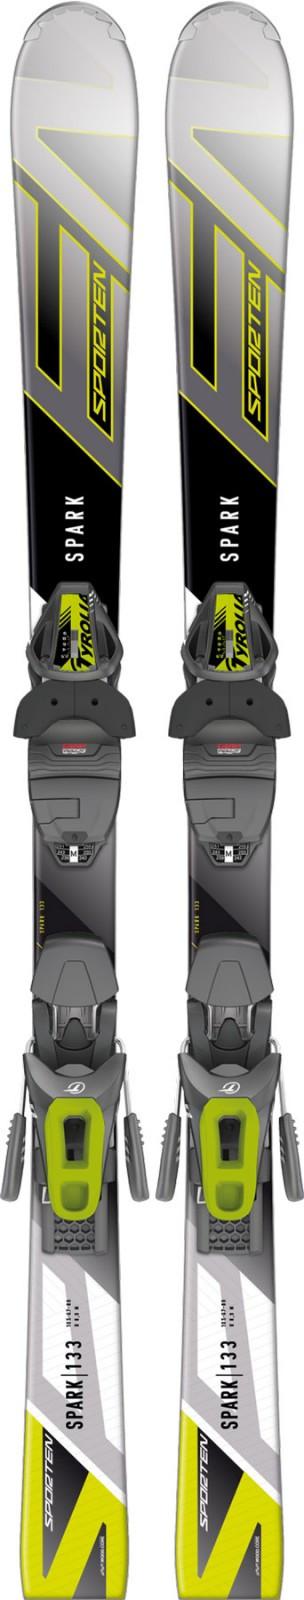 Sporten Spark Jr + SLR 9